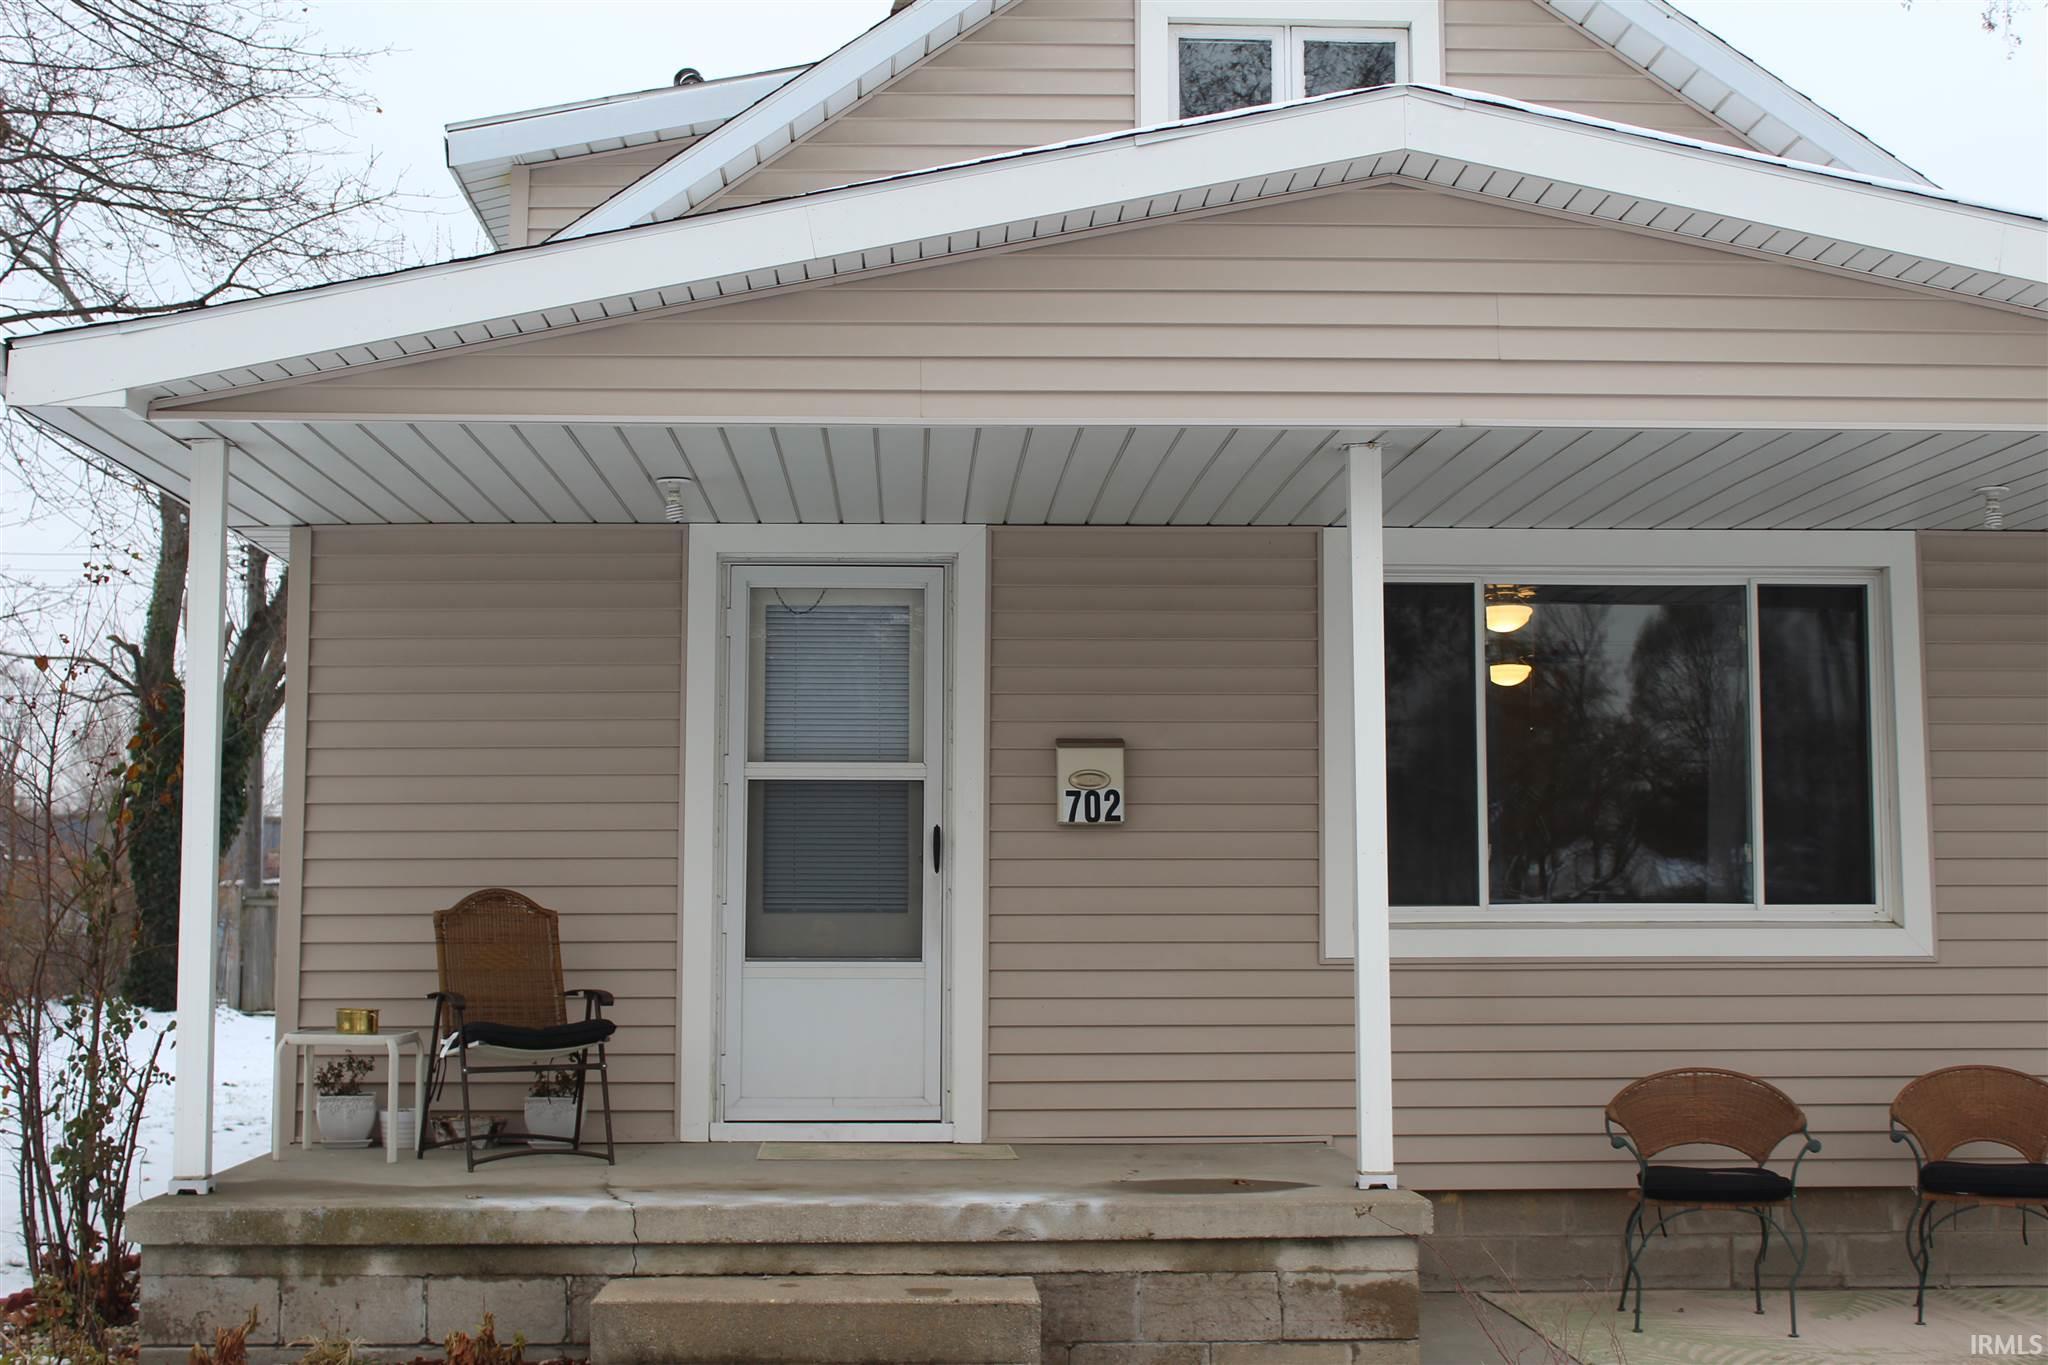 702 Fairmount Ave Mishawaka, IN 46545